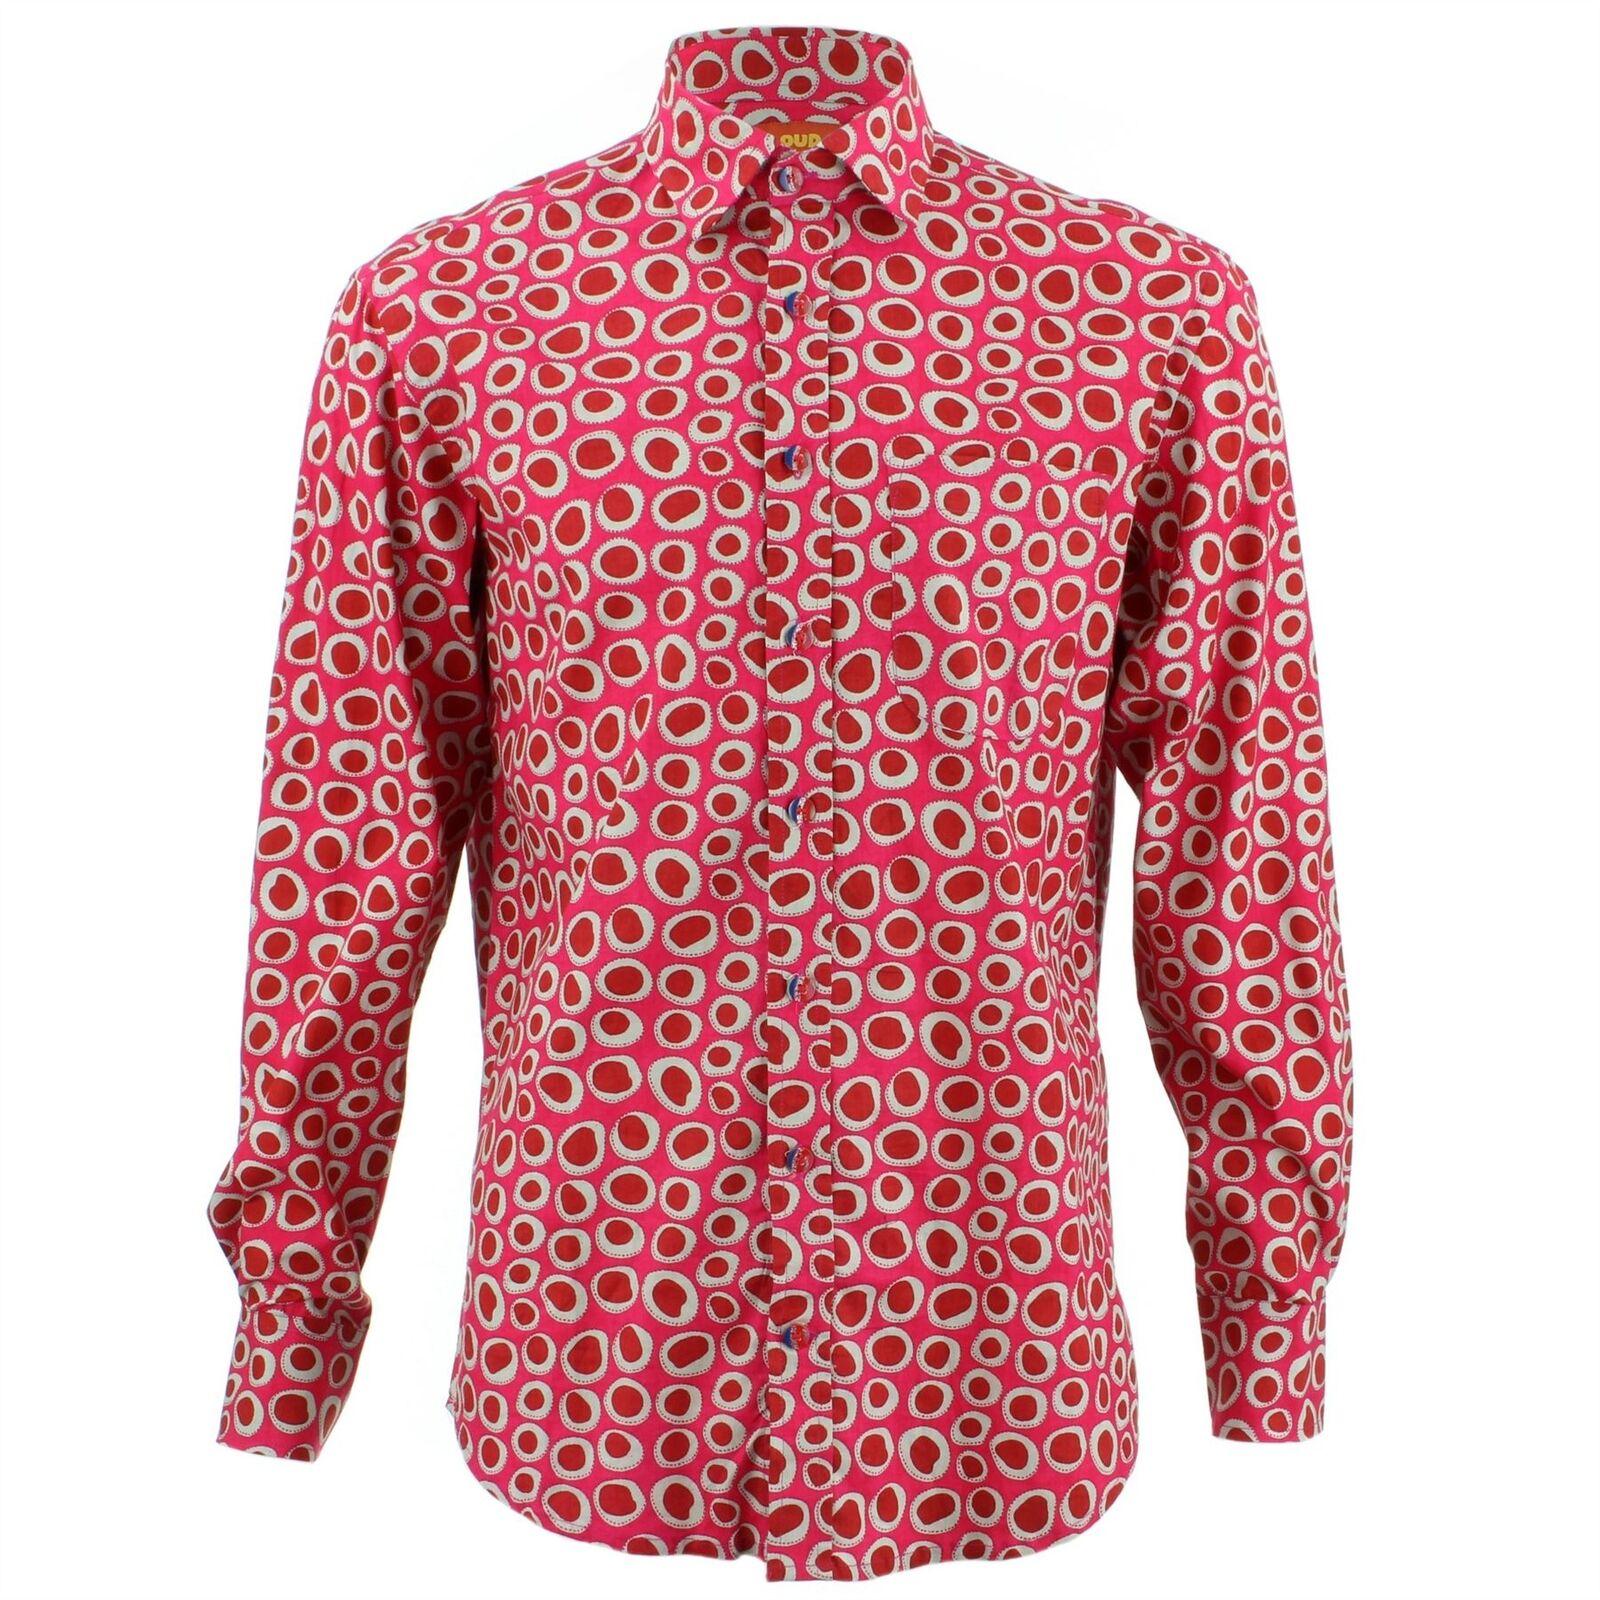 Uomo Uomo Uomo LOUD Camicia regular ELLISSI rosa rétro PSICHEDELICO STRAVAGANTE 63421d